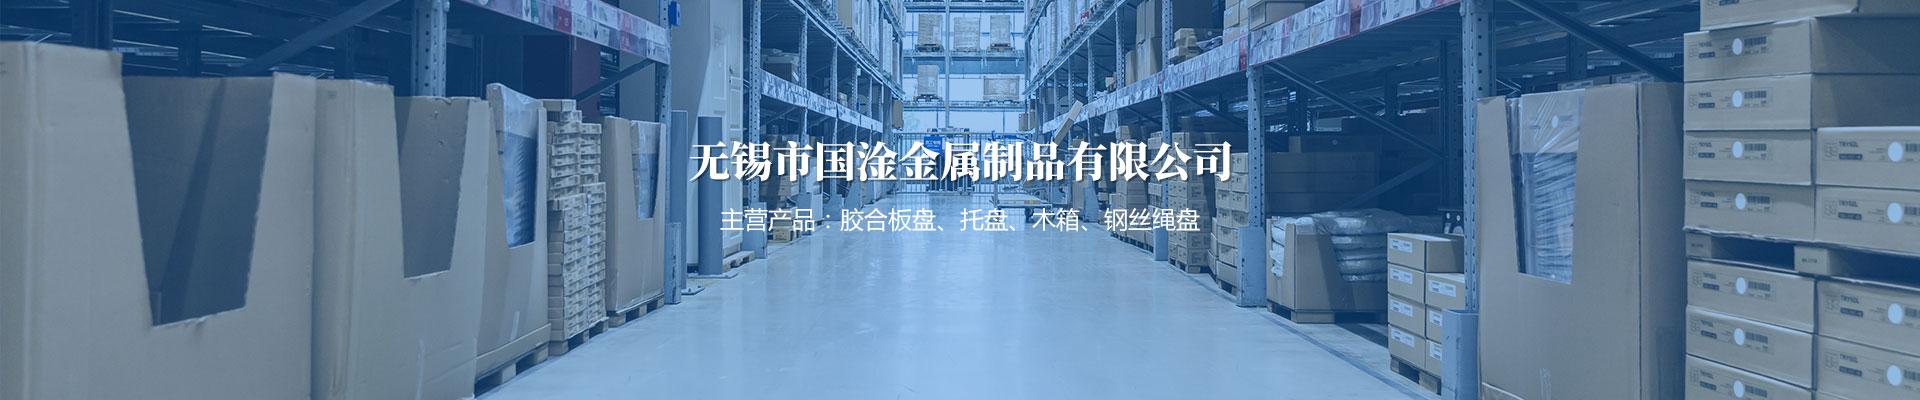 http://www.wxsgg.cn/data/upload/202008/20200807084502_134.jpg